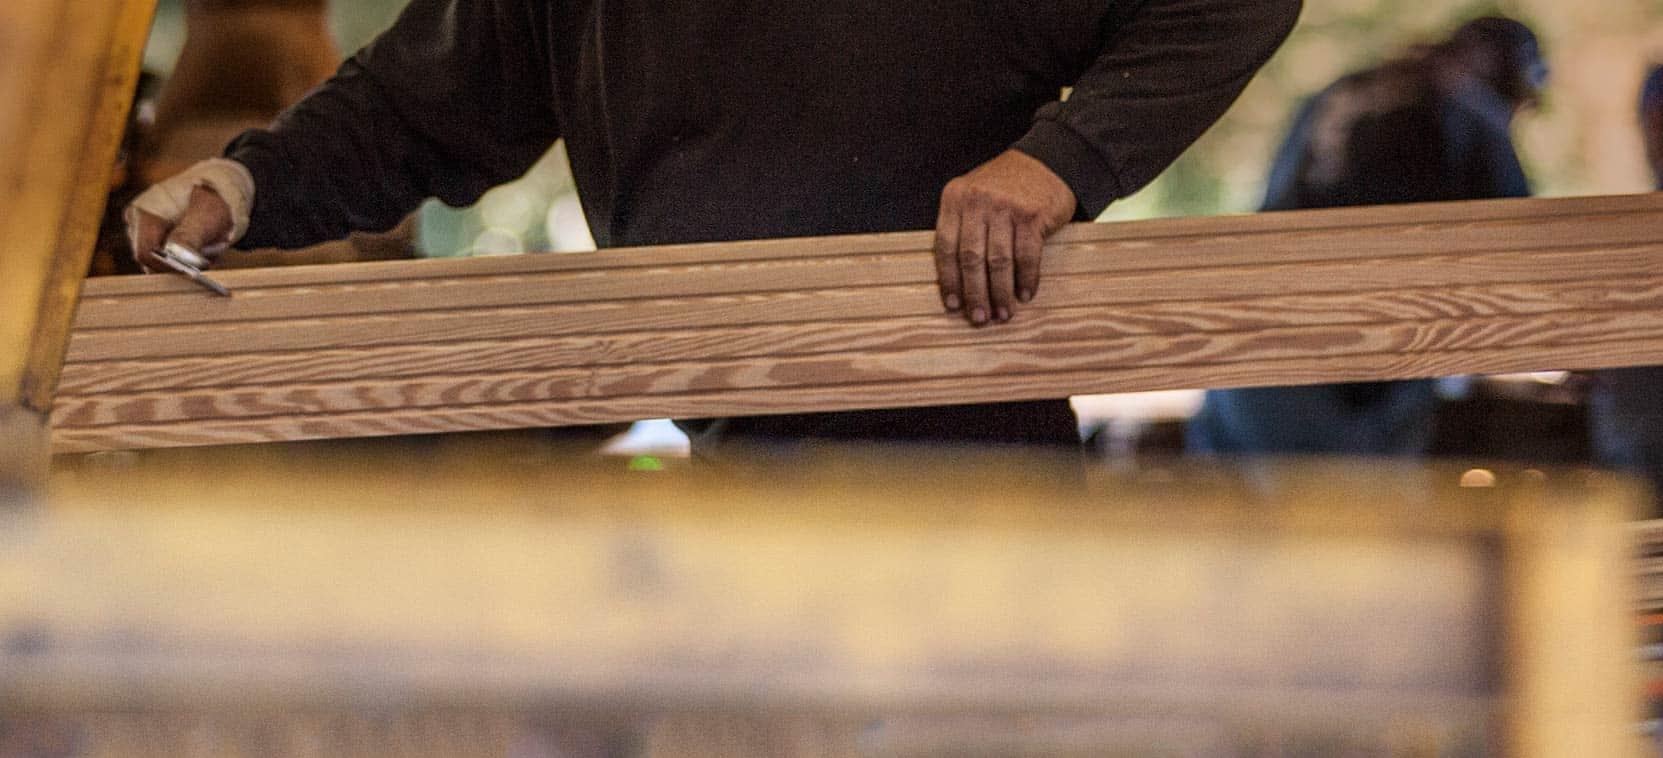 Homeowners - Wood Flooring 12